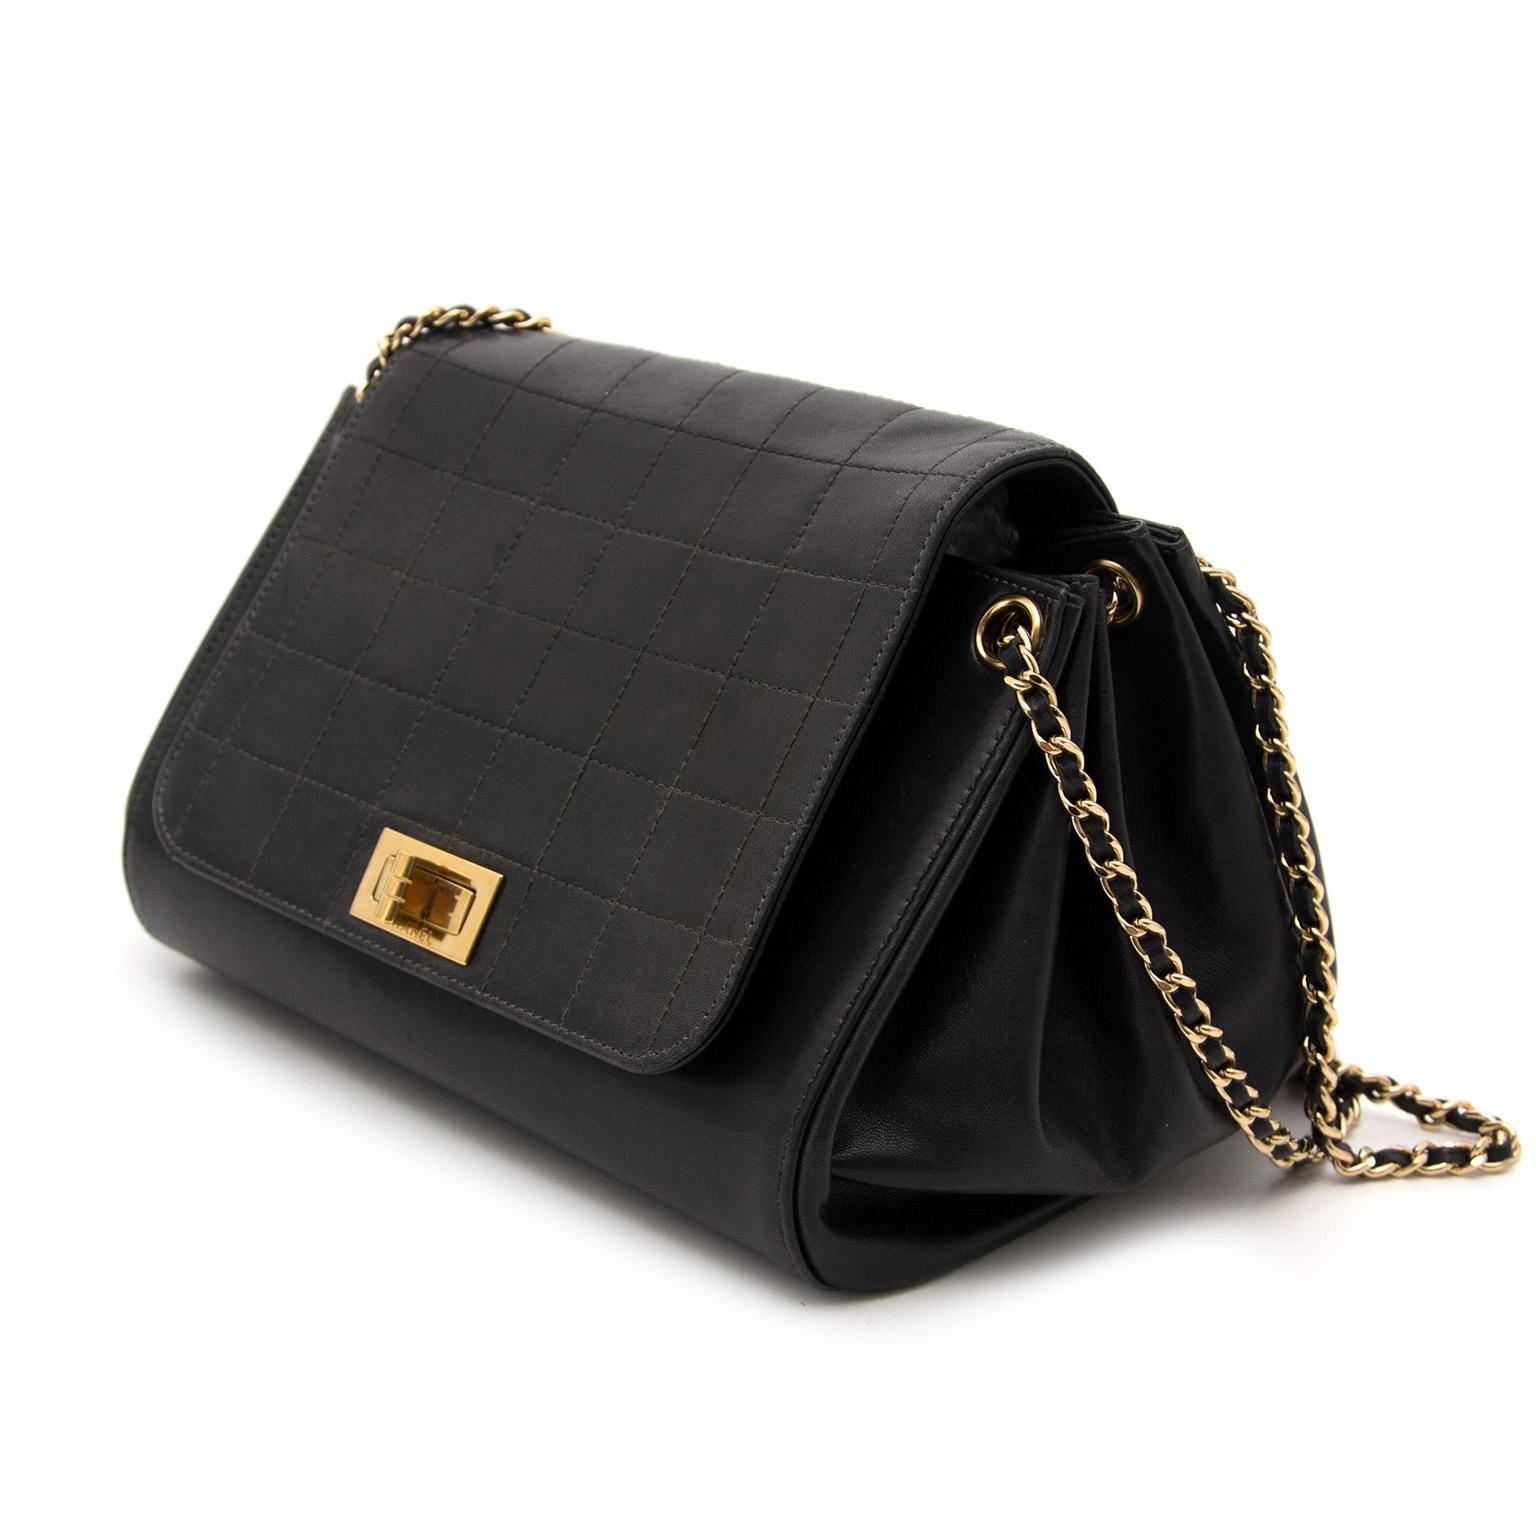 ... chanel black reissue lock flap bag nu te koop bij labellov tegen de  beste prijs 0dc1bd8090